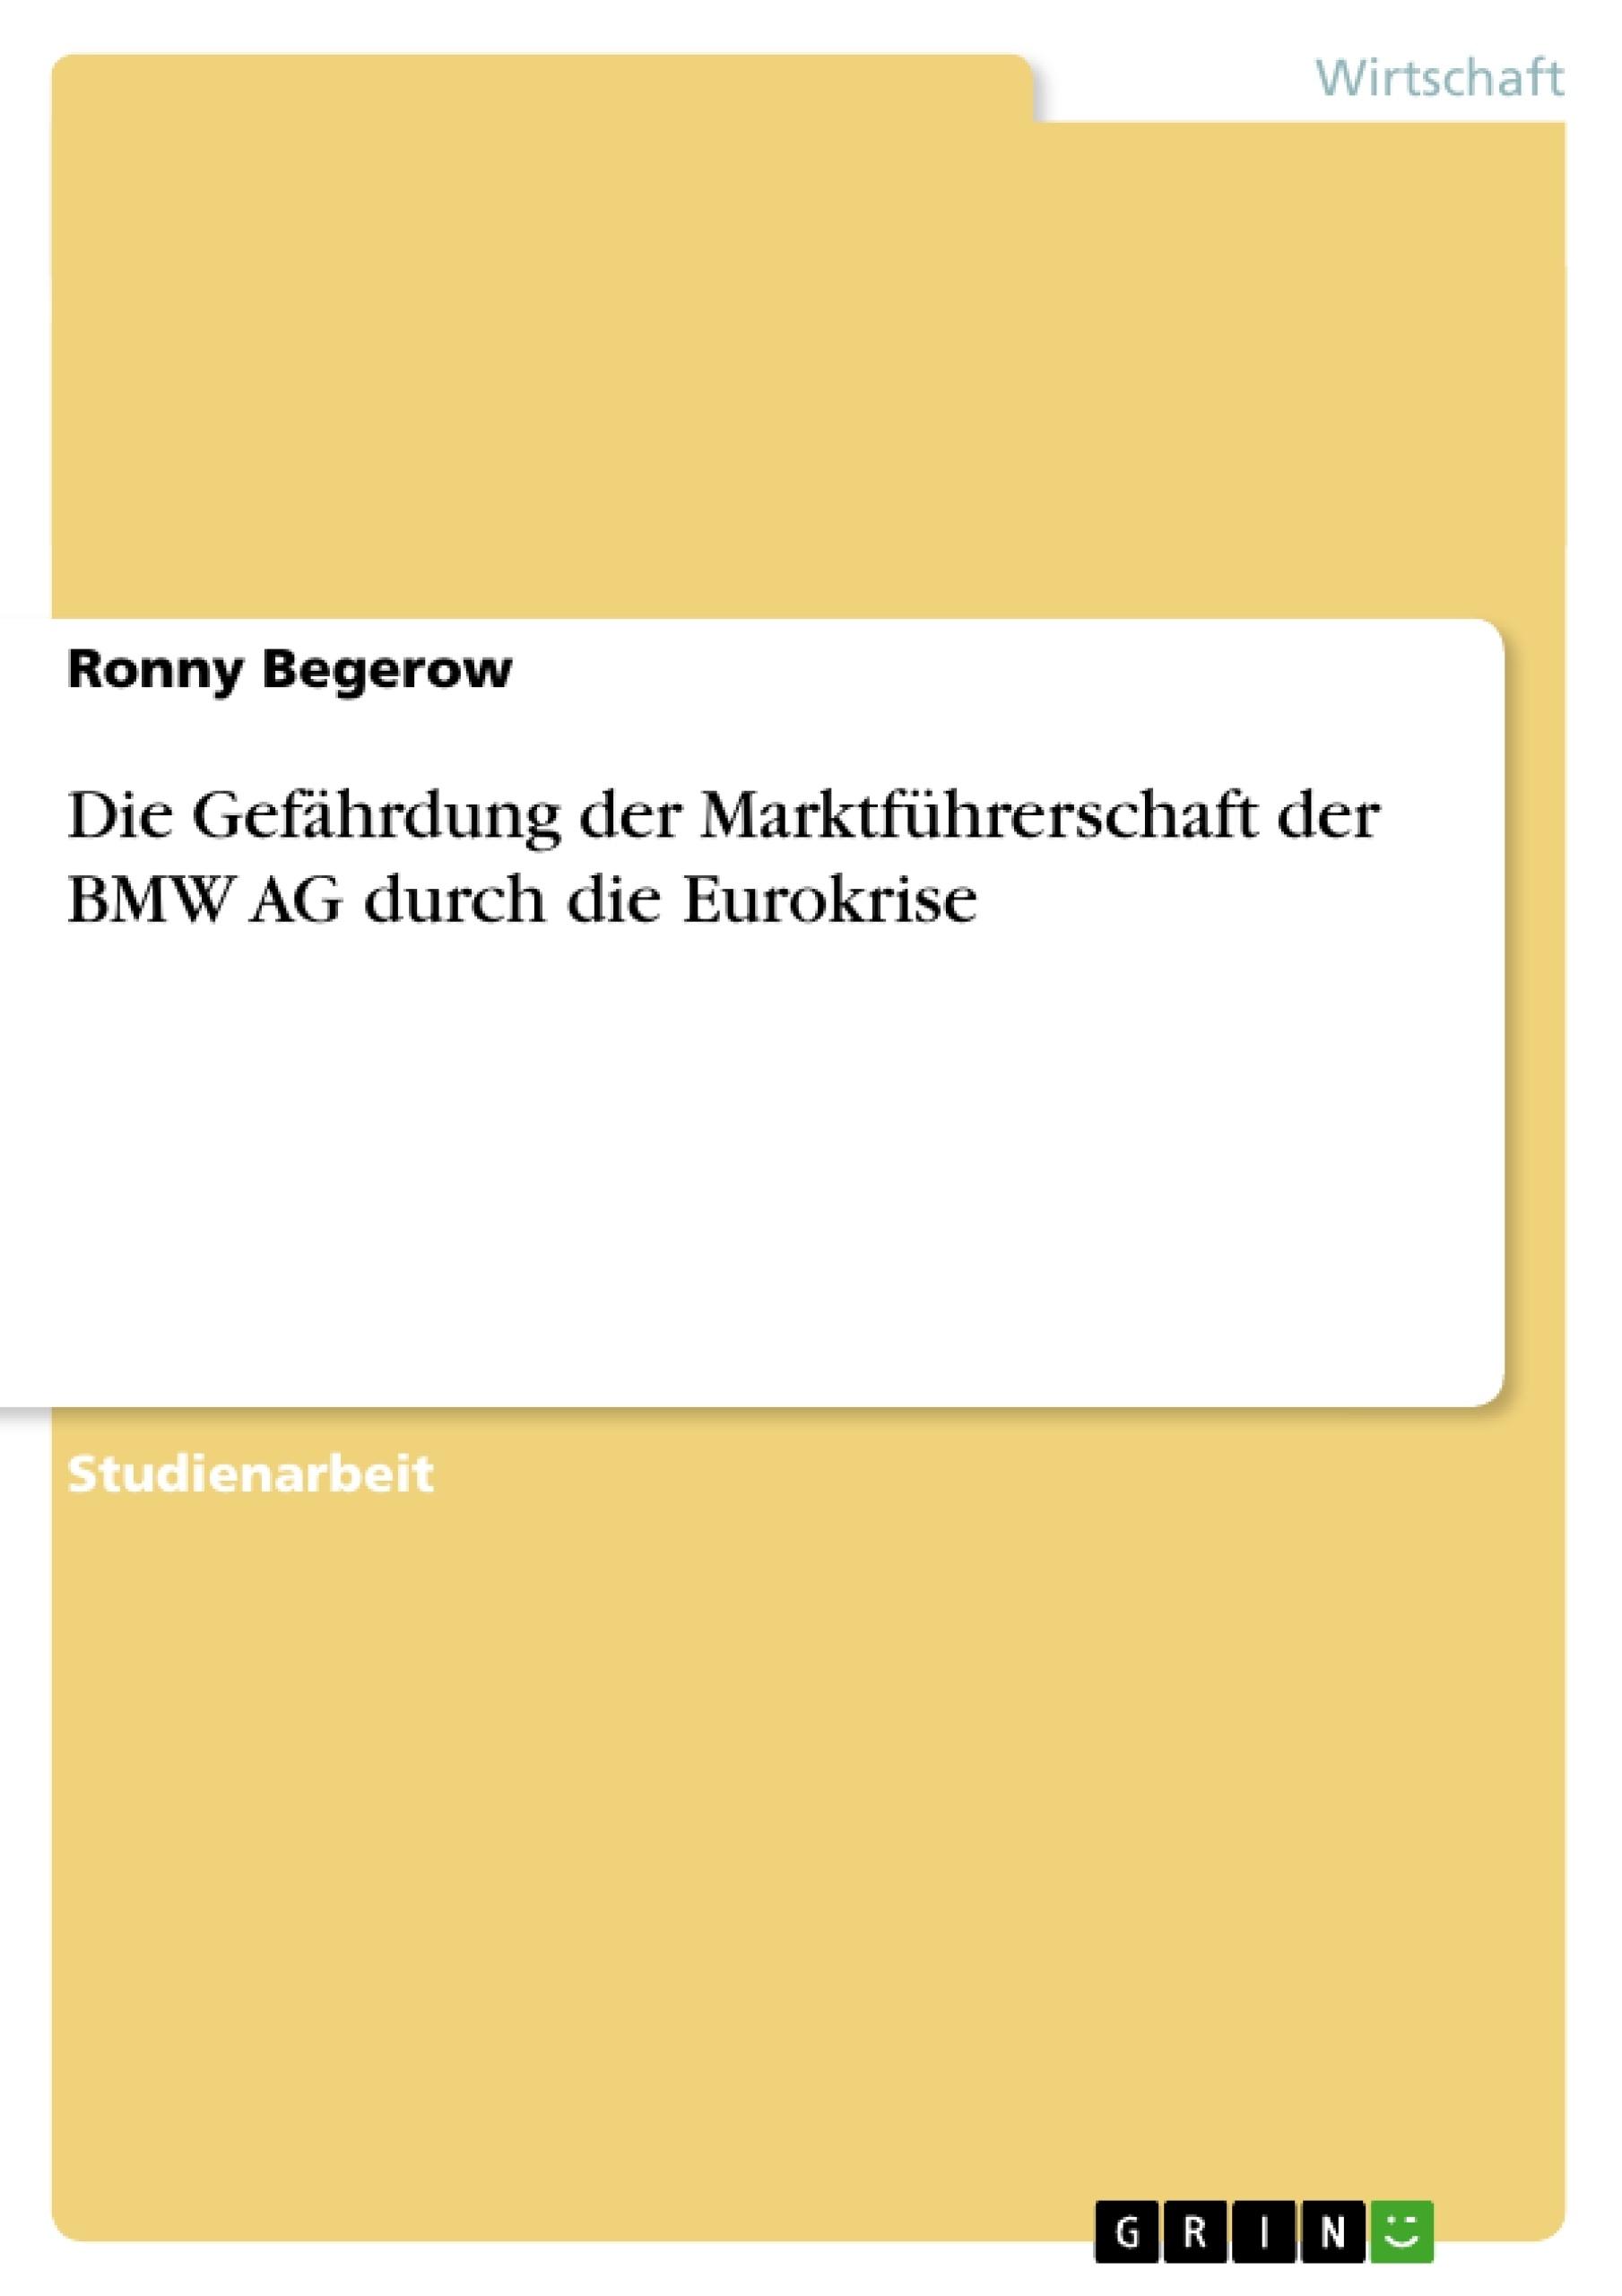 Titel: Die Gefährdung der Marktführerschaft der BMW AG durch die Eurokrise